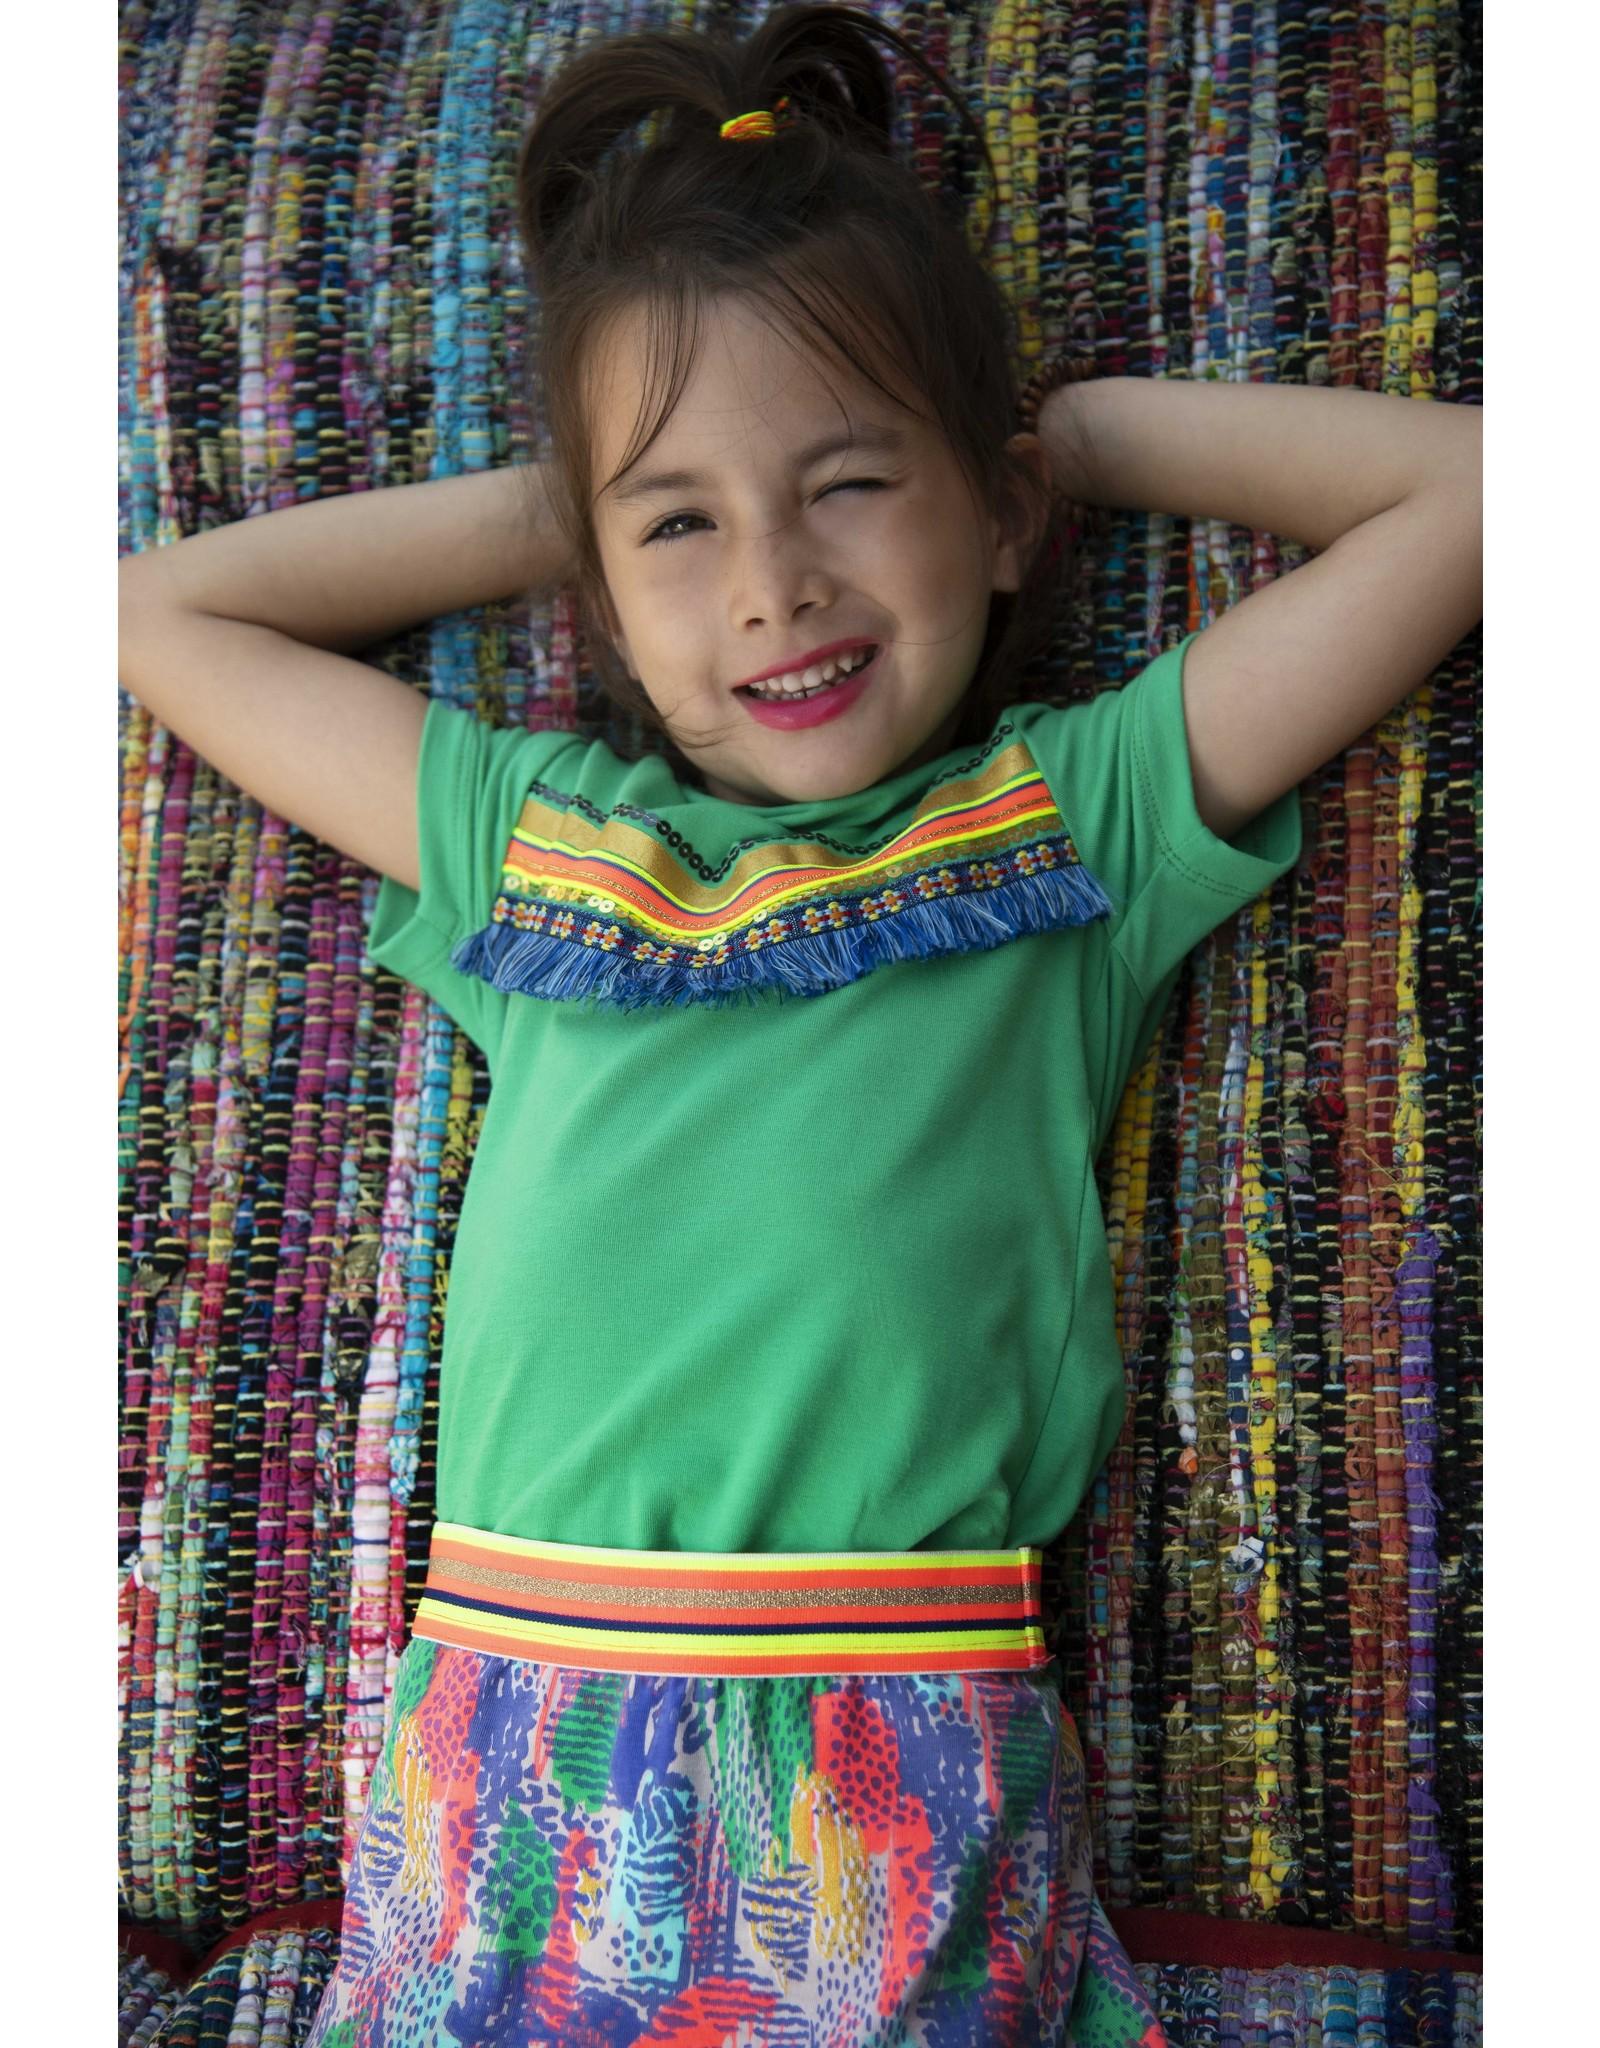 Kidz-Art Skirt peplum allover print + fancy stripe elastic